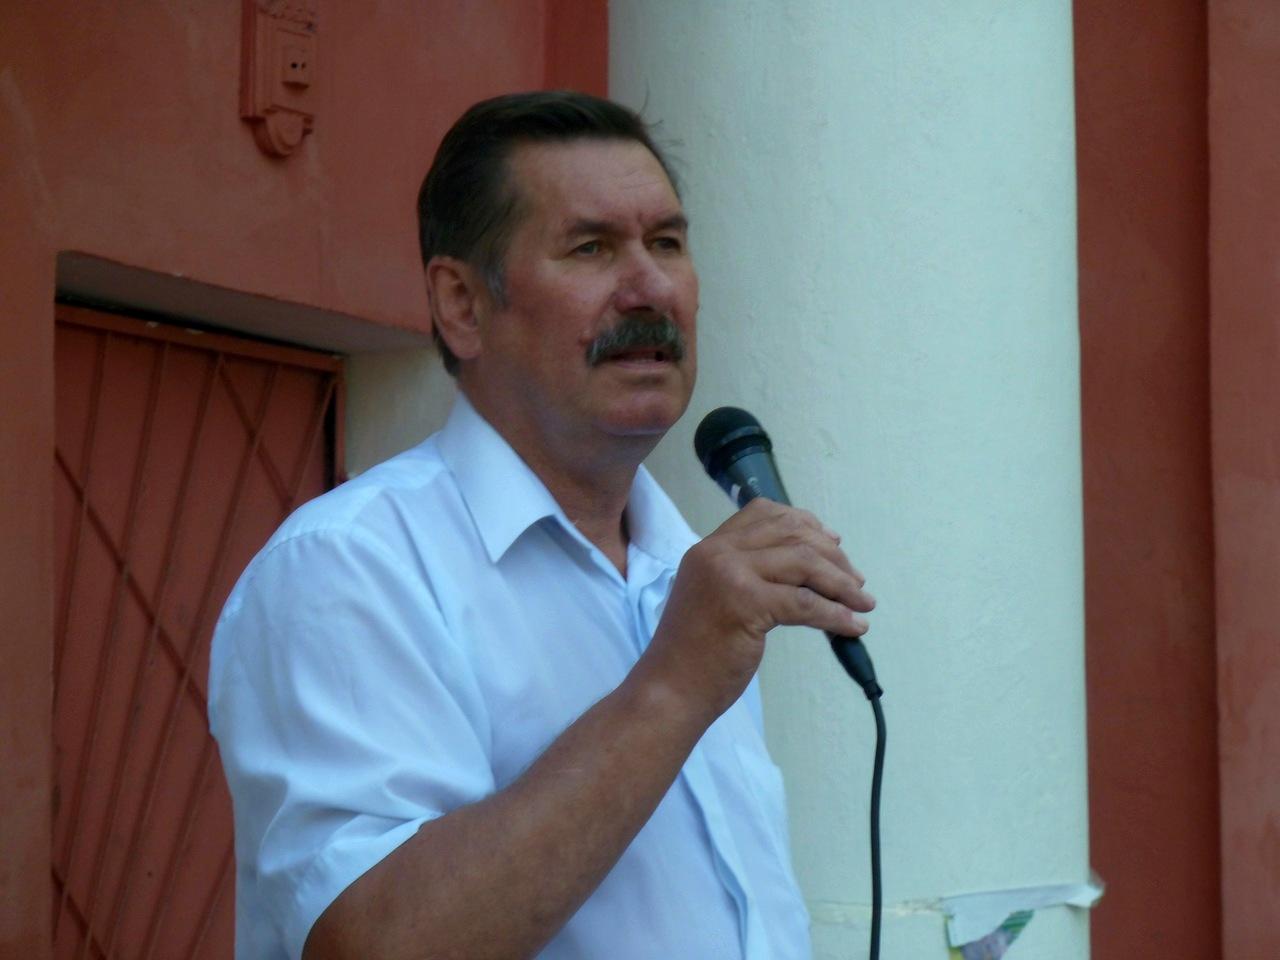 Глава районной администрации Владимир Карпенко. Фото: Алексей Владимиров